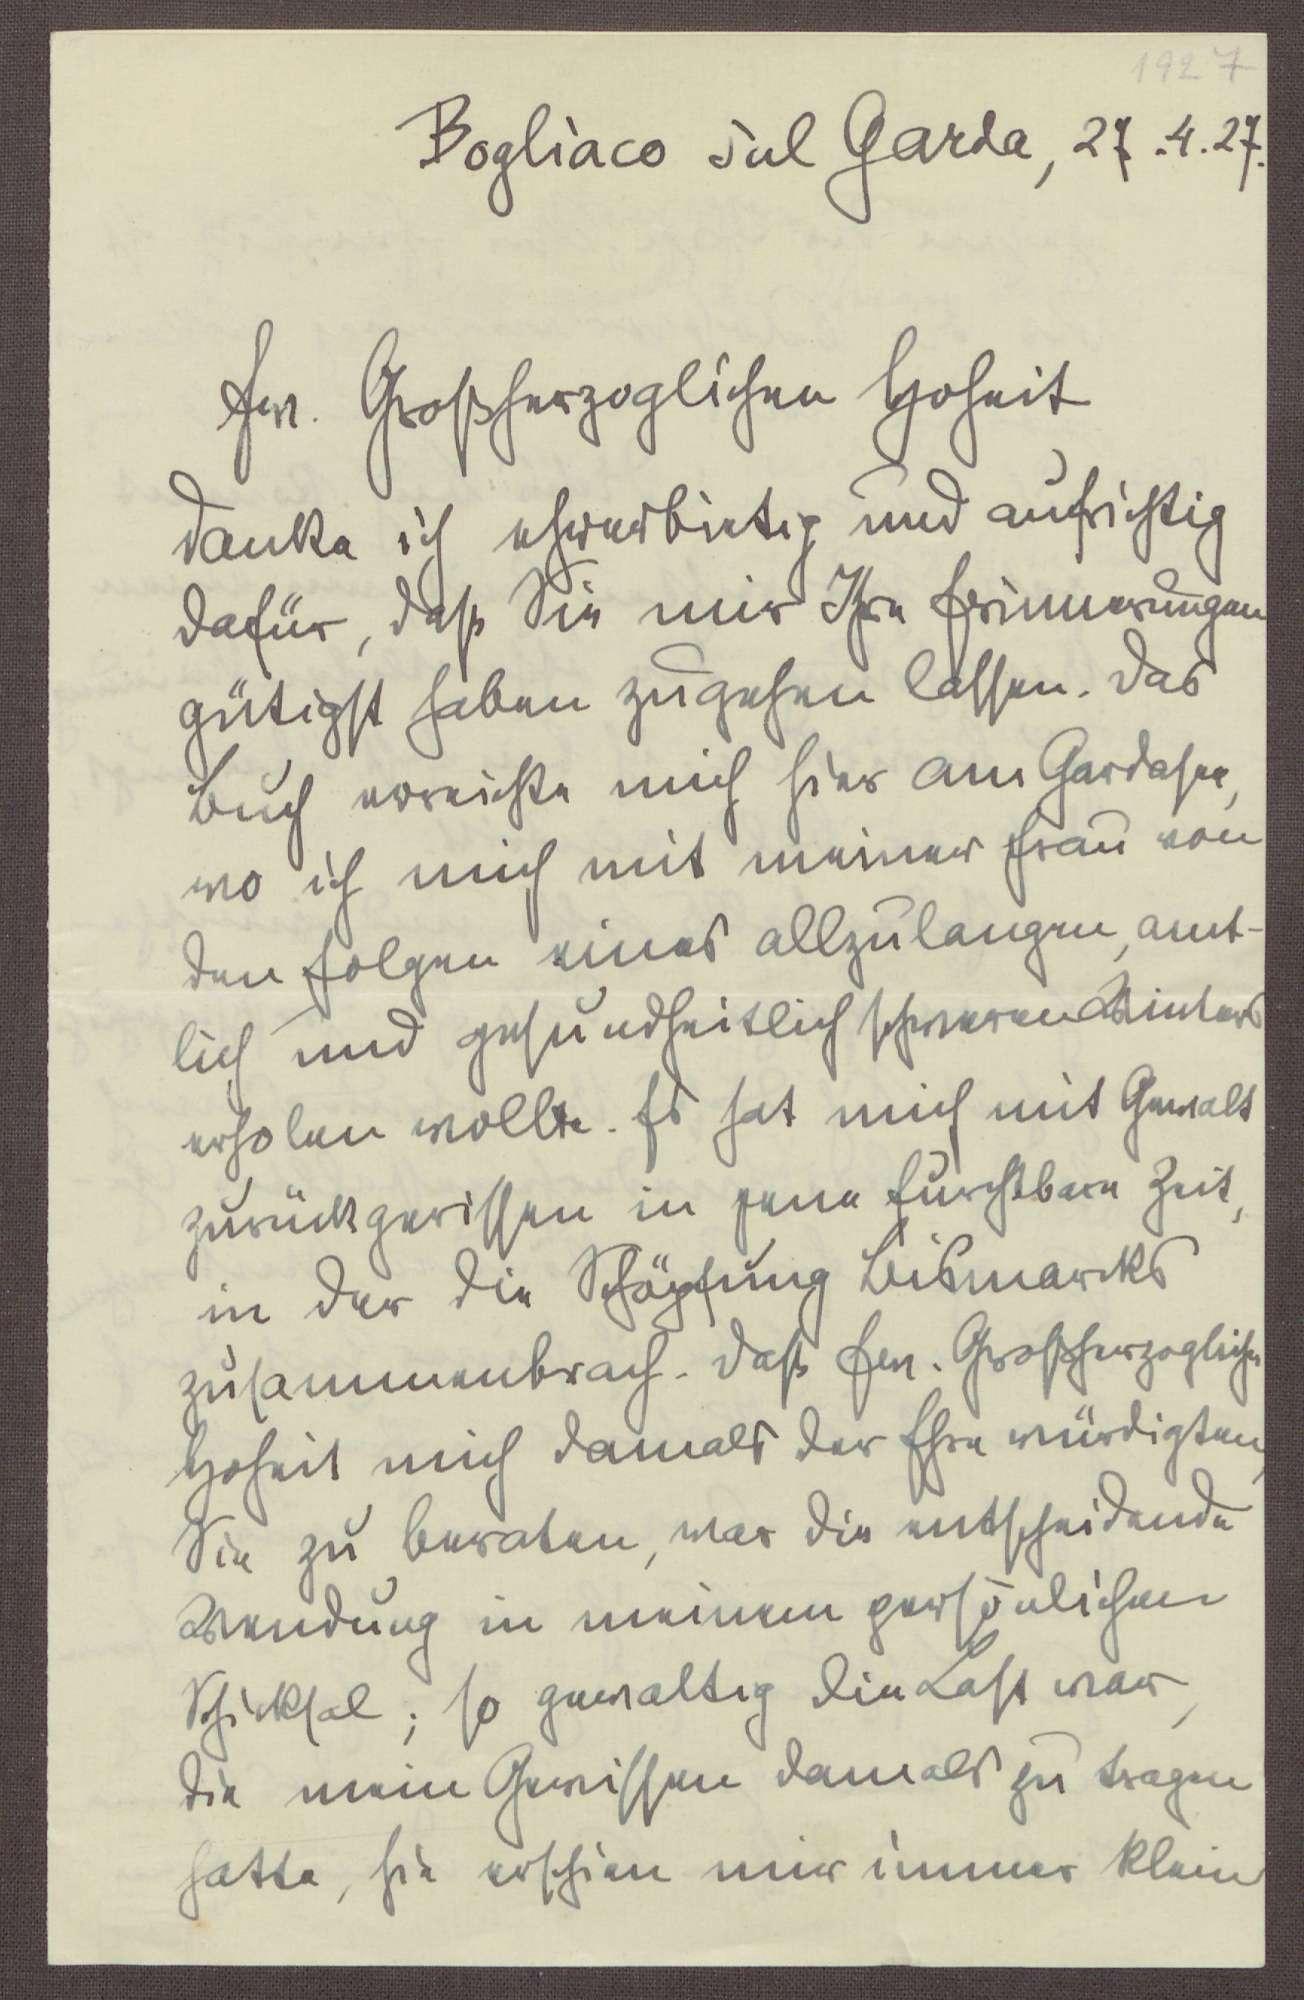 Schreiben von Walter Simons an Prinz Max von Baden; Dank für die Übersendung der Memorien des Prinzen Max, Einschätzung zu den Memorien, Umschwung der öffentlichen Meinung, Erkrankung des Prinzen Max, Bild 1